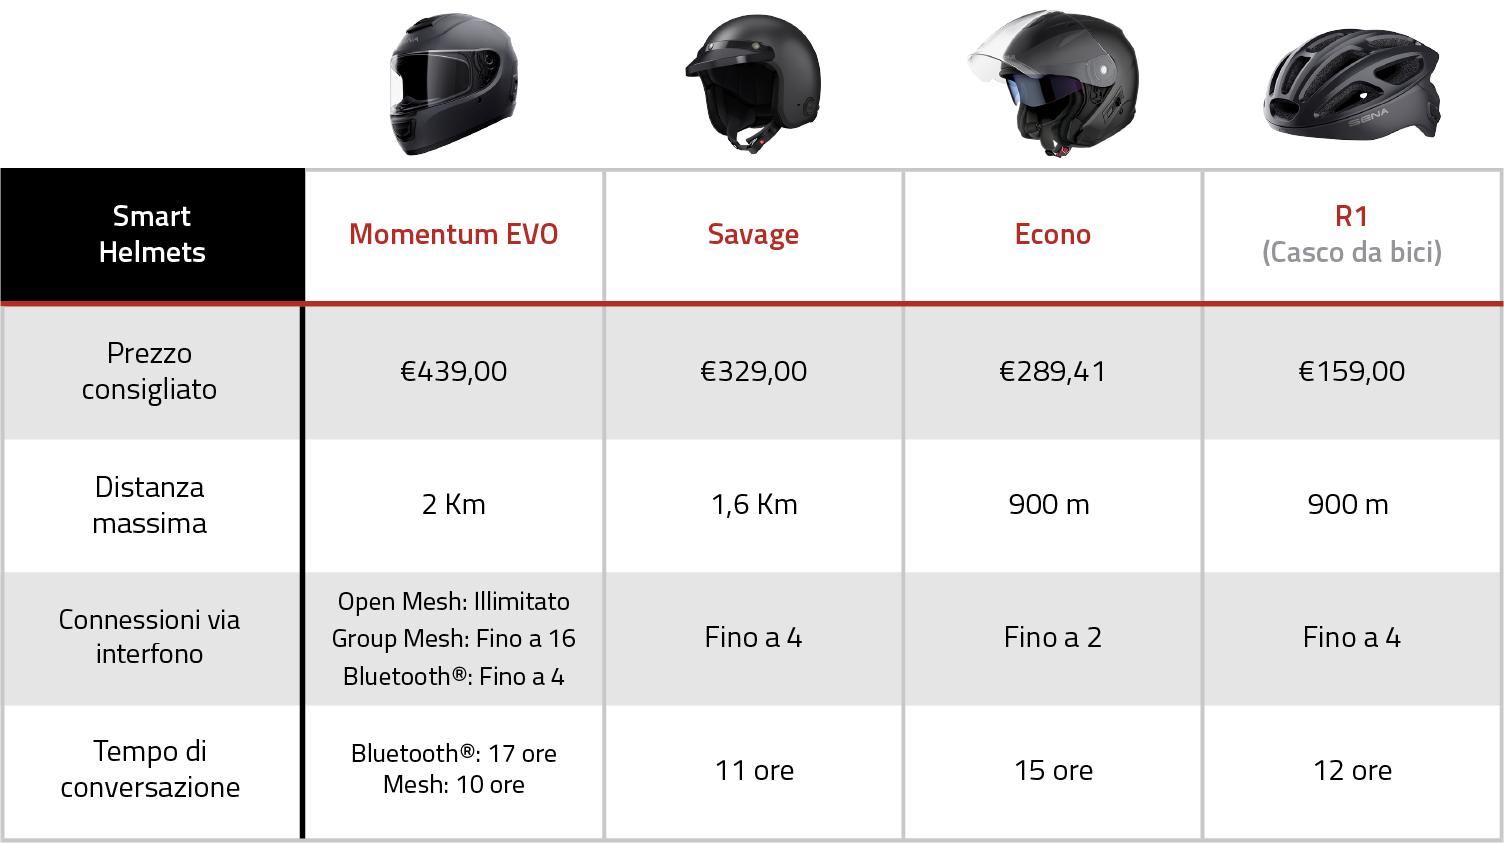 Product Comparison Chart - Smart Helmets